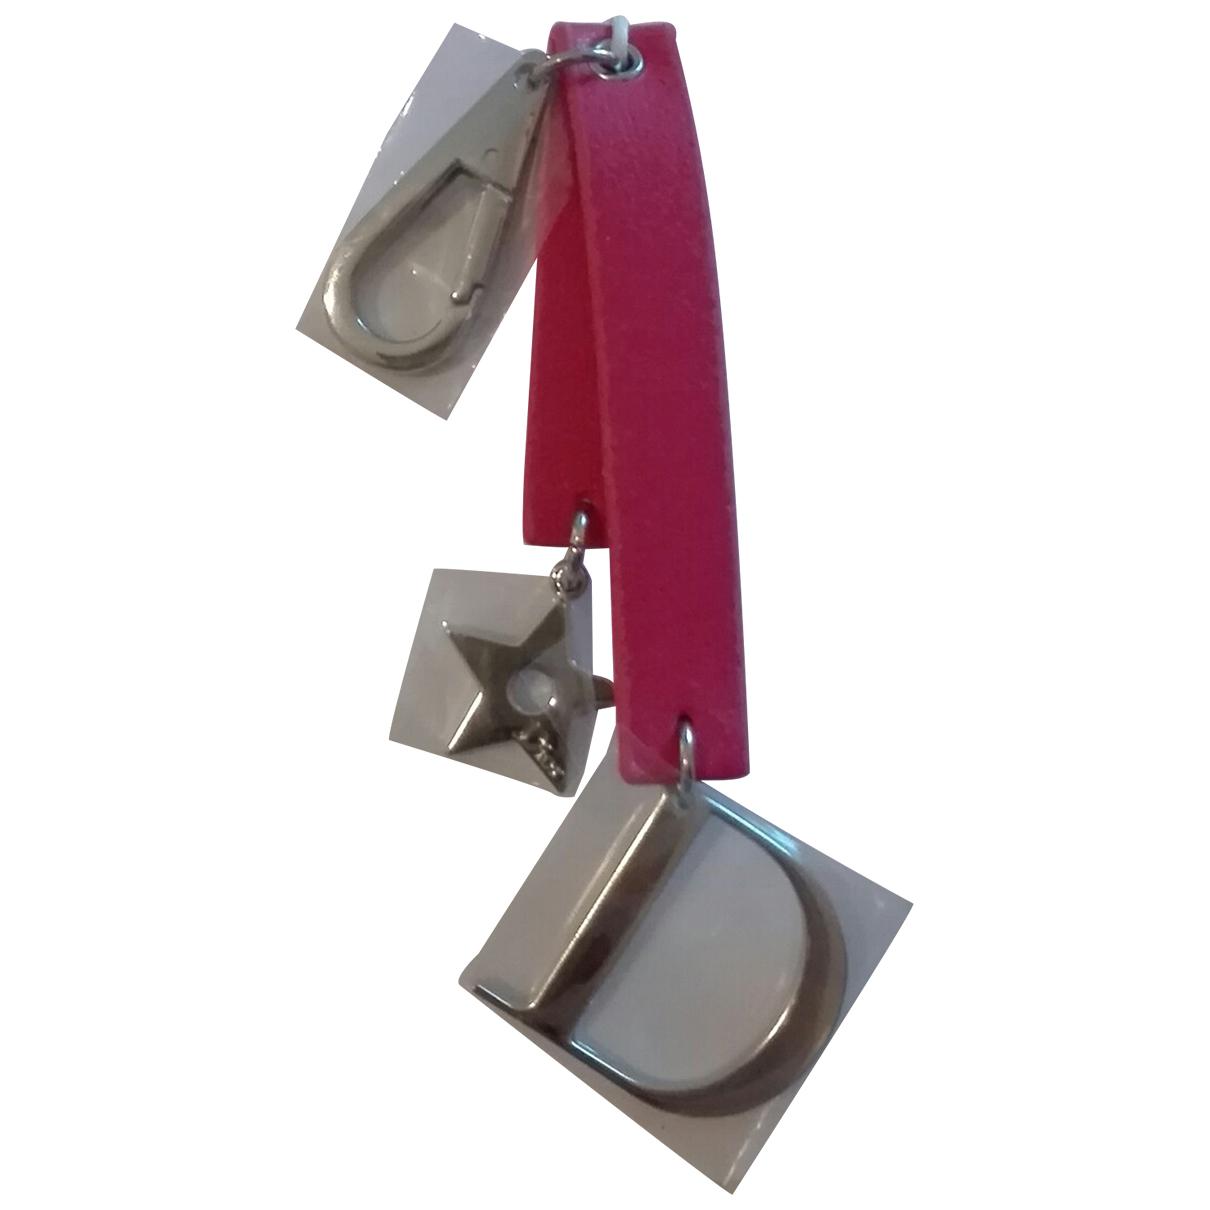 Dior - Bijoux de sac   pour femme en metal - rose